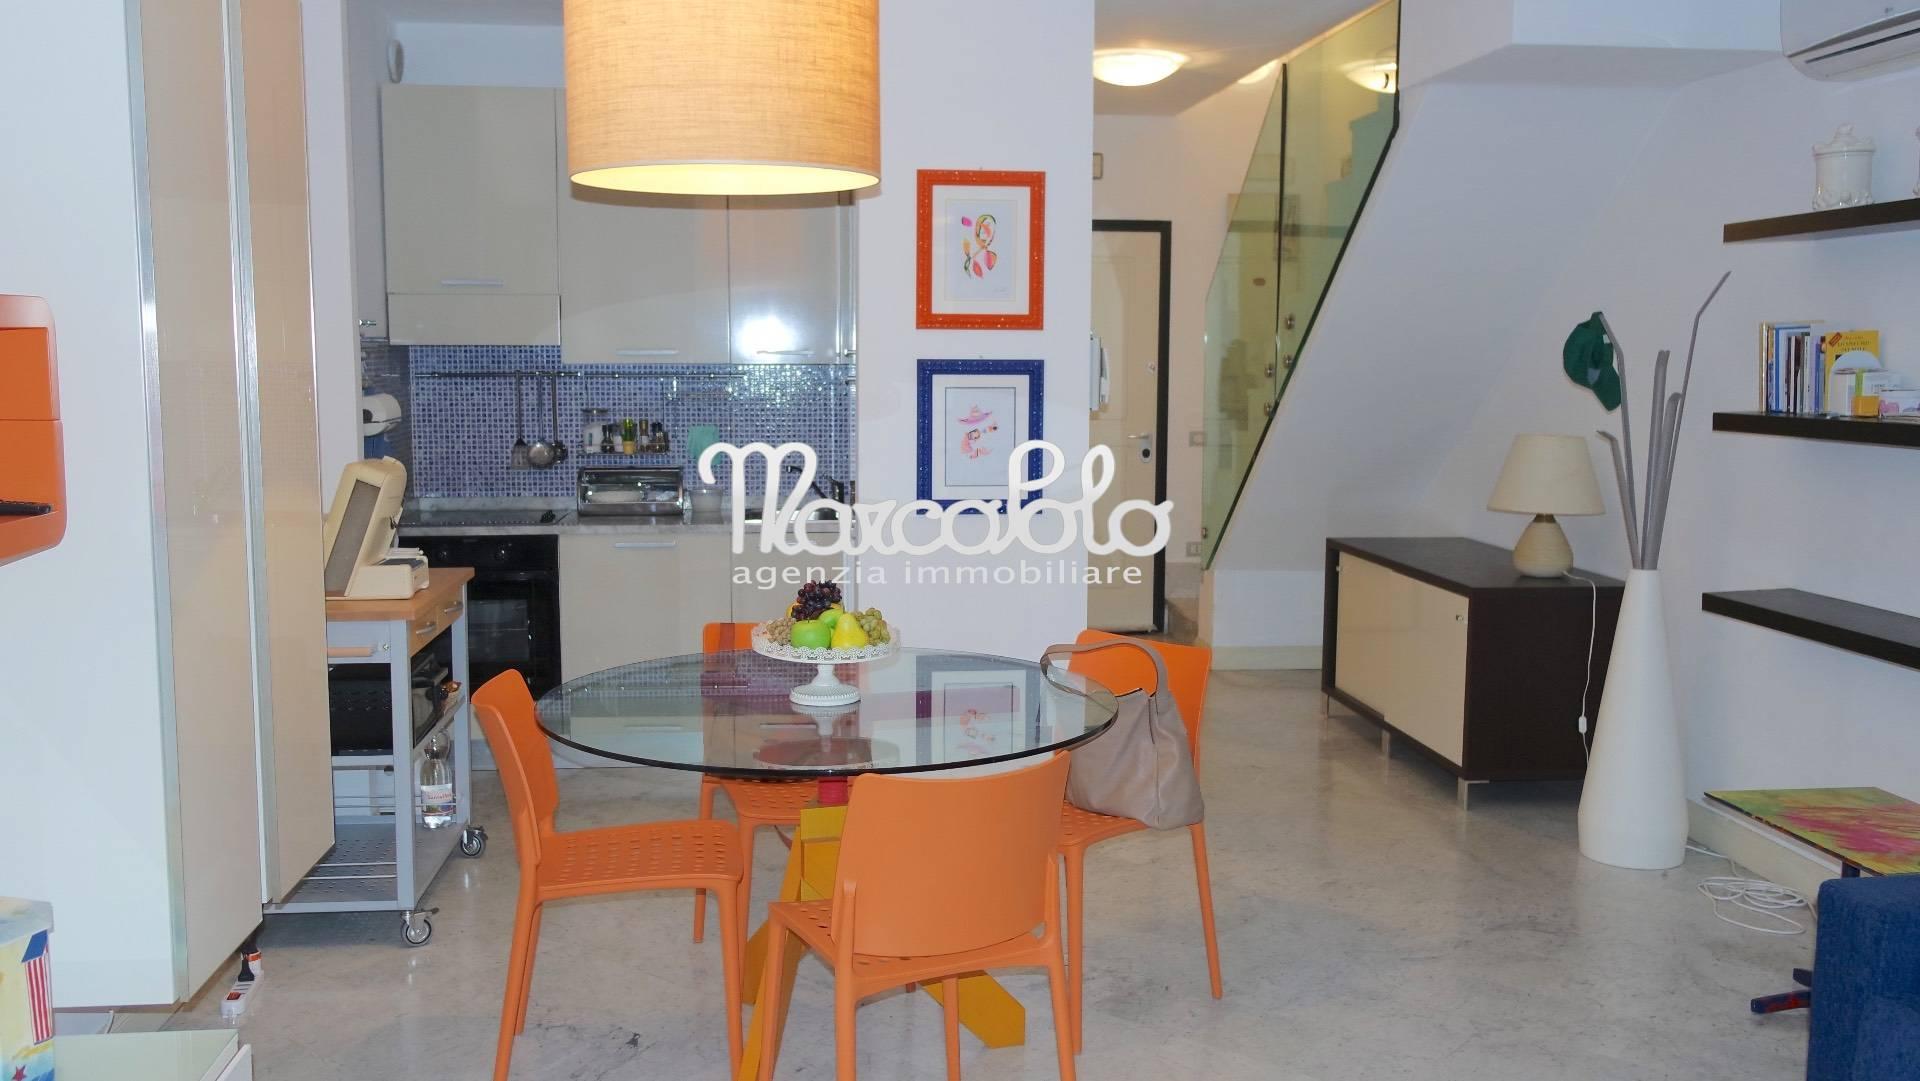 Appartamento in vendita a Seravezza, 3 locali, zona Zona: Querceta, prezzo € 350.000 | Cambio Casa.it